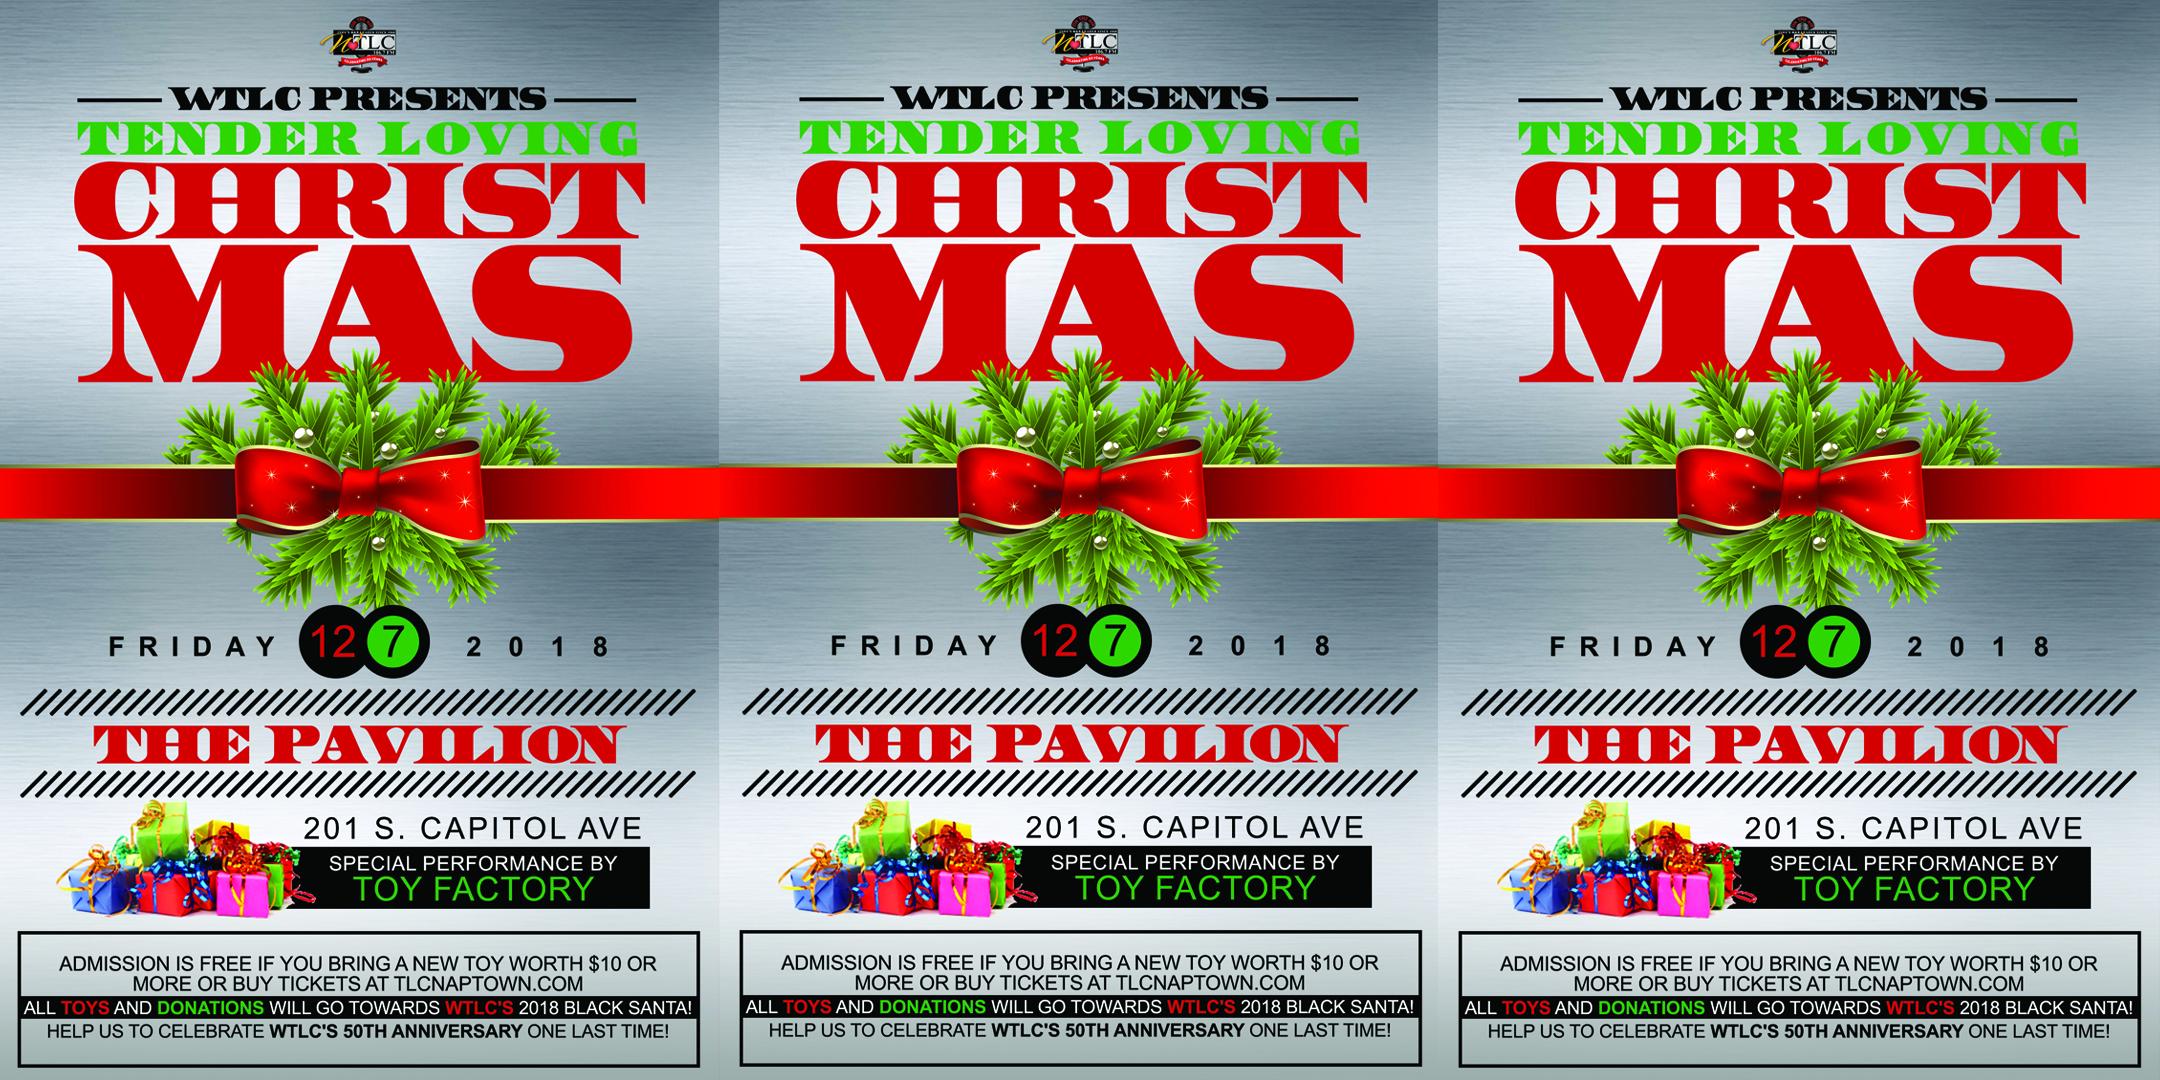 WTLC's Tender Loving Christmas Flyer